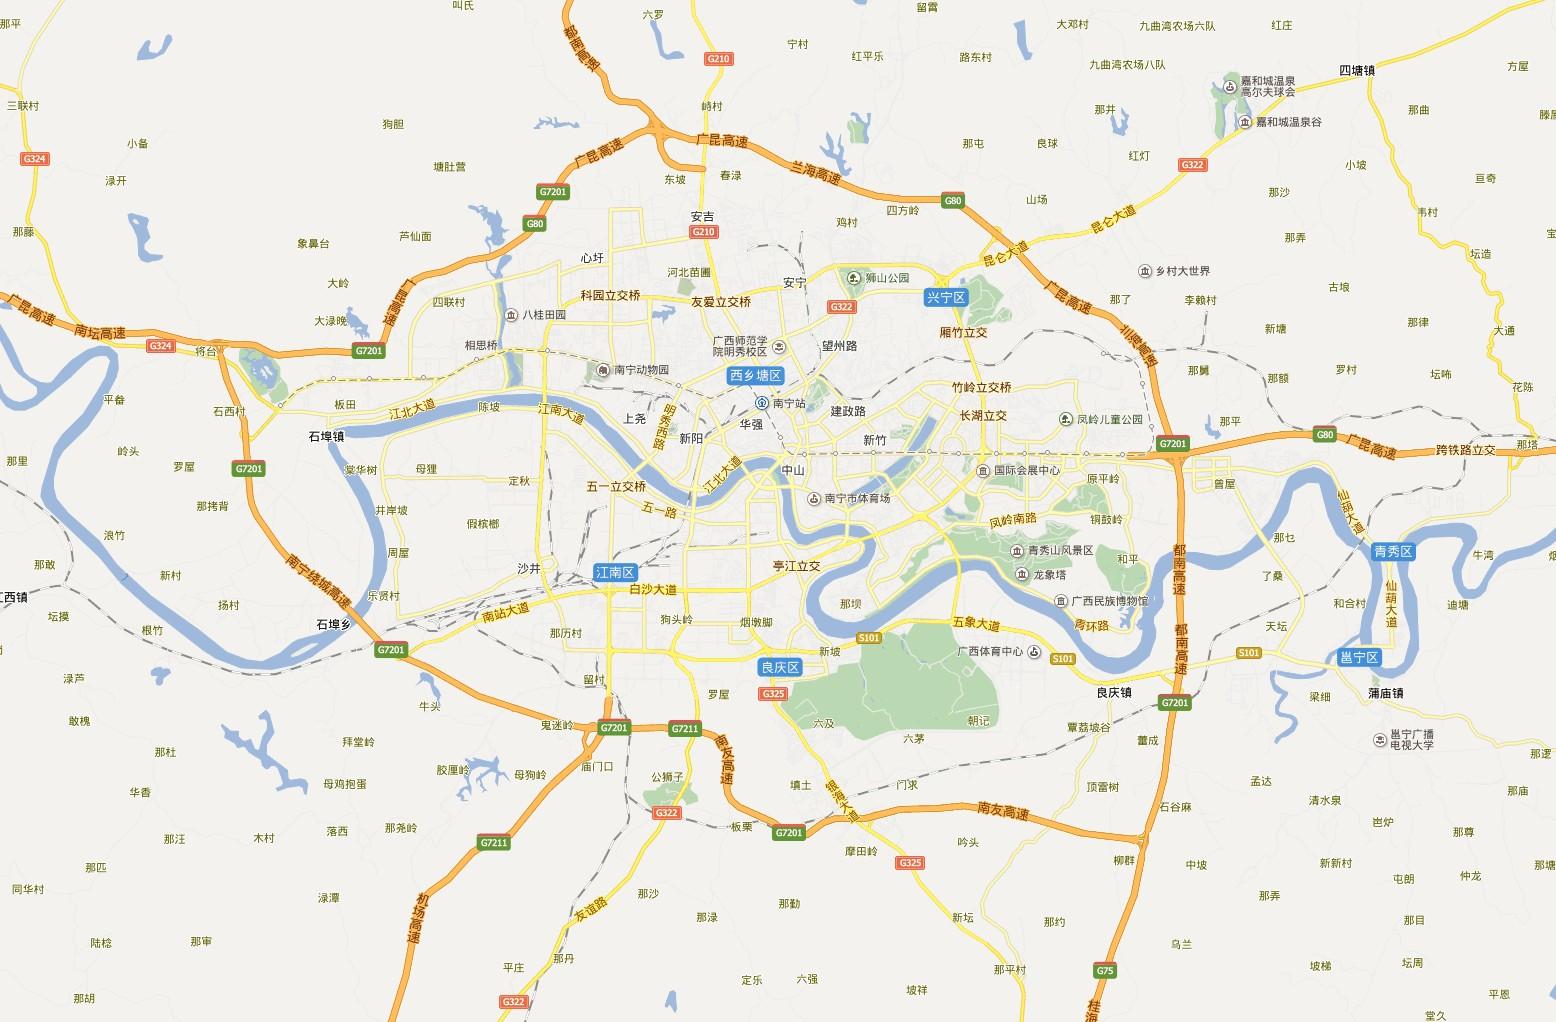 电子地图,北海行政地图全图,高清版大图 - 图吧地图 南宁地图全图